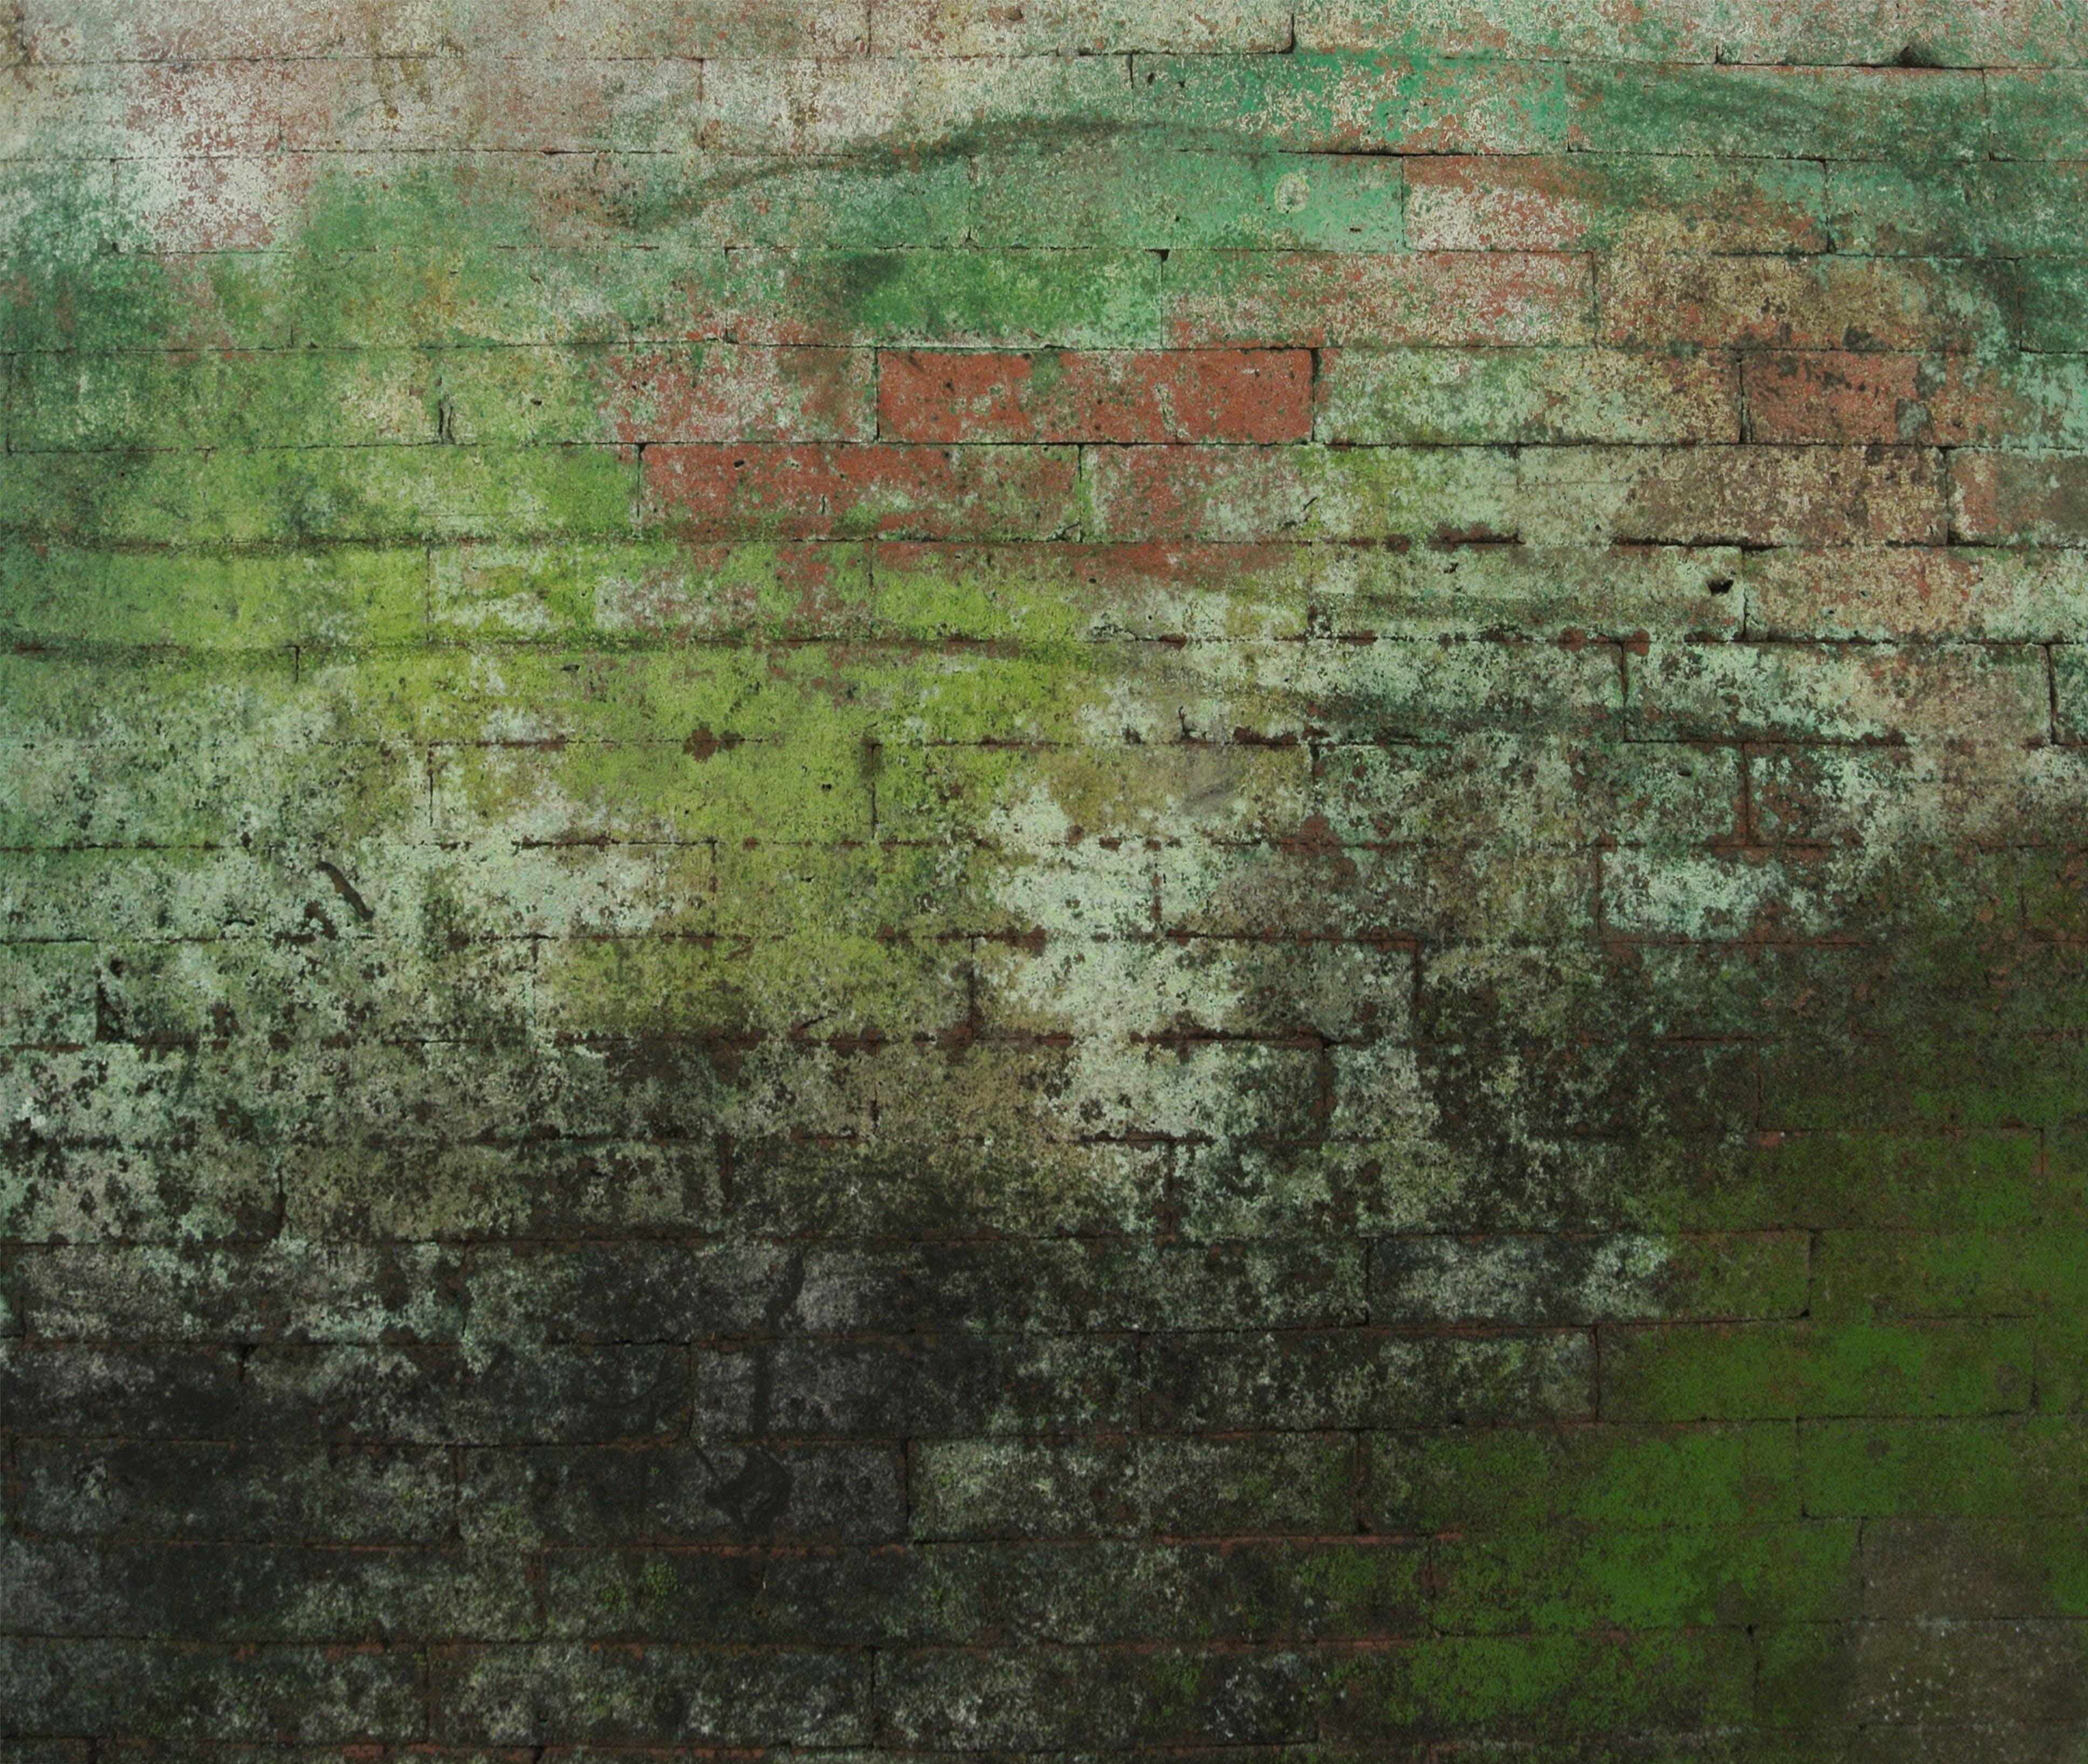 Gratis stockfoto met baksteen, bakstenen muur, Bali, bemoste muur